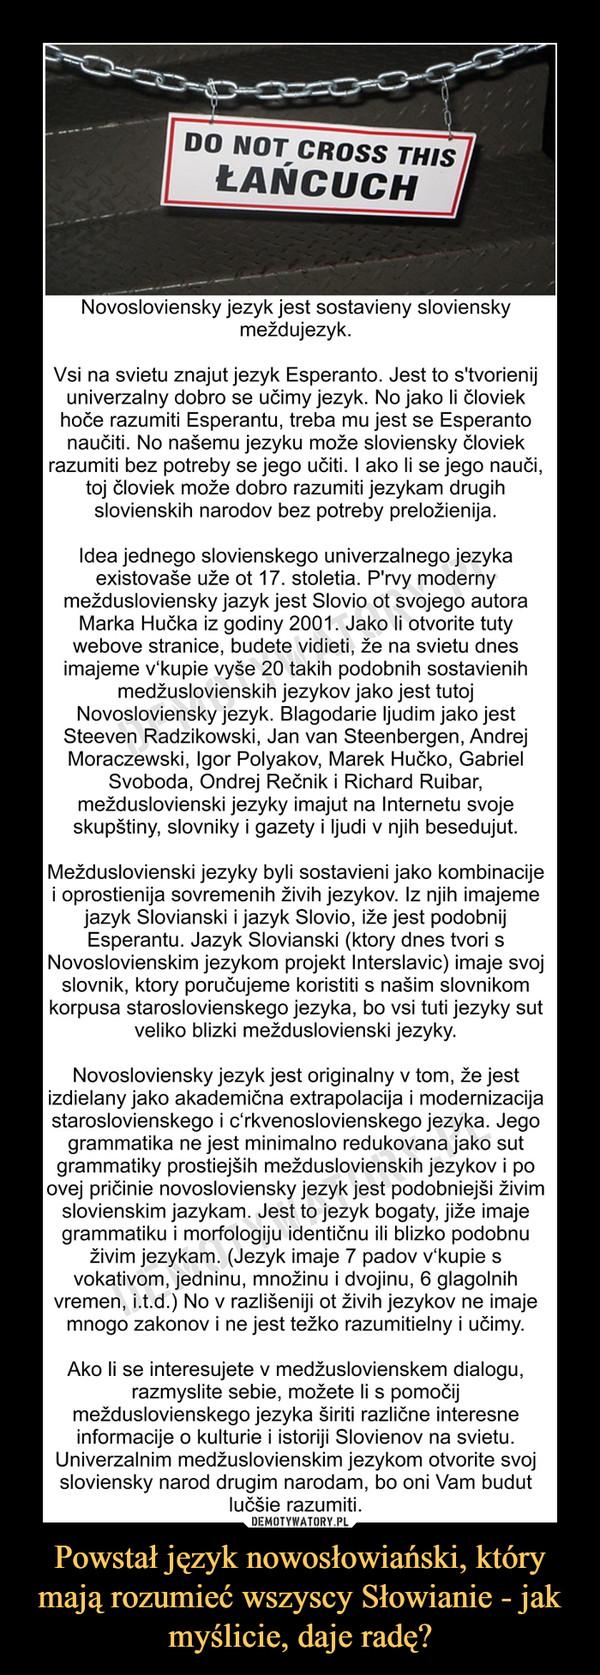 Powstał język nowosłowiański, który mają rozumieć wszyscy Słowianie - jak myślicie, daje radę? –  DO NOT CROSS THIS ŁAŃCUCHNovosloviensky jezyk jest sostavieny sloviensky meždujezyk.Vsi na svietu znajut jezyk Esperanto. Jest to s'tvorienij univerzalny dobro se učimy jezyk. No jako li človiek hoče razumiti Esperantu, treba mu jest se Esperanto naučiti. No našemu jezyku može sloviensky človiek razumiti bez potreby se jego učiti. I ako li se jego nauči, toj človiek može dobro razumiti jezykam drugih slovienskih narodov bez potreby preložienija. Idea jednego slovienskego univerzalnego jezyka existovaše uže ot 17. stoletia. P'rvy moderny meždusloviensky jazyk jest Slovio ot svojego autora Marka Hučka iz godiny 2001. Jako li otvorite tuty webove stranicе, budete vidieti, že na svietu dnes imajeme v'kupie vyše 20 takih podobnih sostavienih medžuslovienskih jezykov jako jest tutoj Novosloviensky jezyk. Blagodarie ljudim jako jest Steeven Radzikowski, Jan van Steenbergen, Andrej Moraczewski, Igor Polyakov, Marek Hučko, Gabriel Svoboda, Ondrej Rečnik i Richard Ruibar, mežduslovienski jezyky imajut na Internetu svoje skupštiny, slovniky i gazety i ljudi v njih besedujut.Mežduslovienski jezyky byli sostavieni jako kombinacije i oprostienija sovremenih živih jezykov. Iz njih imajeme jazyk Slovianski i jazyk Slovio, iže jest podobnij Esperantu. Jazyk Slovianski (ktory dnes tvori s Novoslovienskim jezykom projekt Interslavic) imaje svoj slovnik, ktory poručujeme koristiti s našim slovnikom korpusa staroslovienskego jezyka, bo vsi tuti jezyky sut veliko blizki mežduslovienski jezyky.Novosloviensky jezyk jest originalny v tom, že jest izdielany jako akademična extrapolacija i modernizacija staroslovienskego i c'rkvenoslovienskego jezyka. Jego grammatika ne jest minimalno redukovana jako sut grammatiky prostiejših mežduslovienskih jezykov i po ovej pričinie novosloviensky jezyk jest podobniejši živim slovienskim jazykam. Jest to jezyk bogaty, jiže imaje grammatiku i morfologiju ident